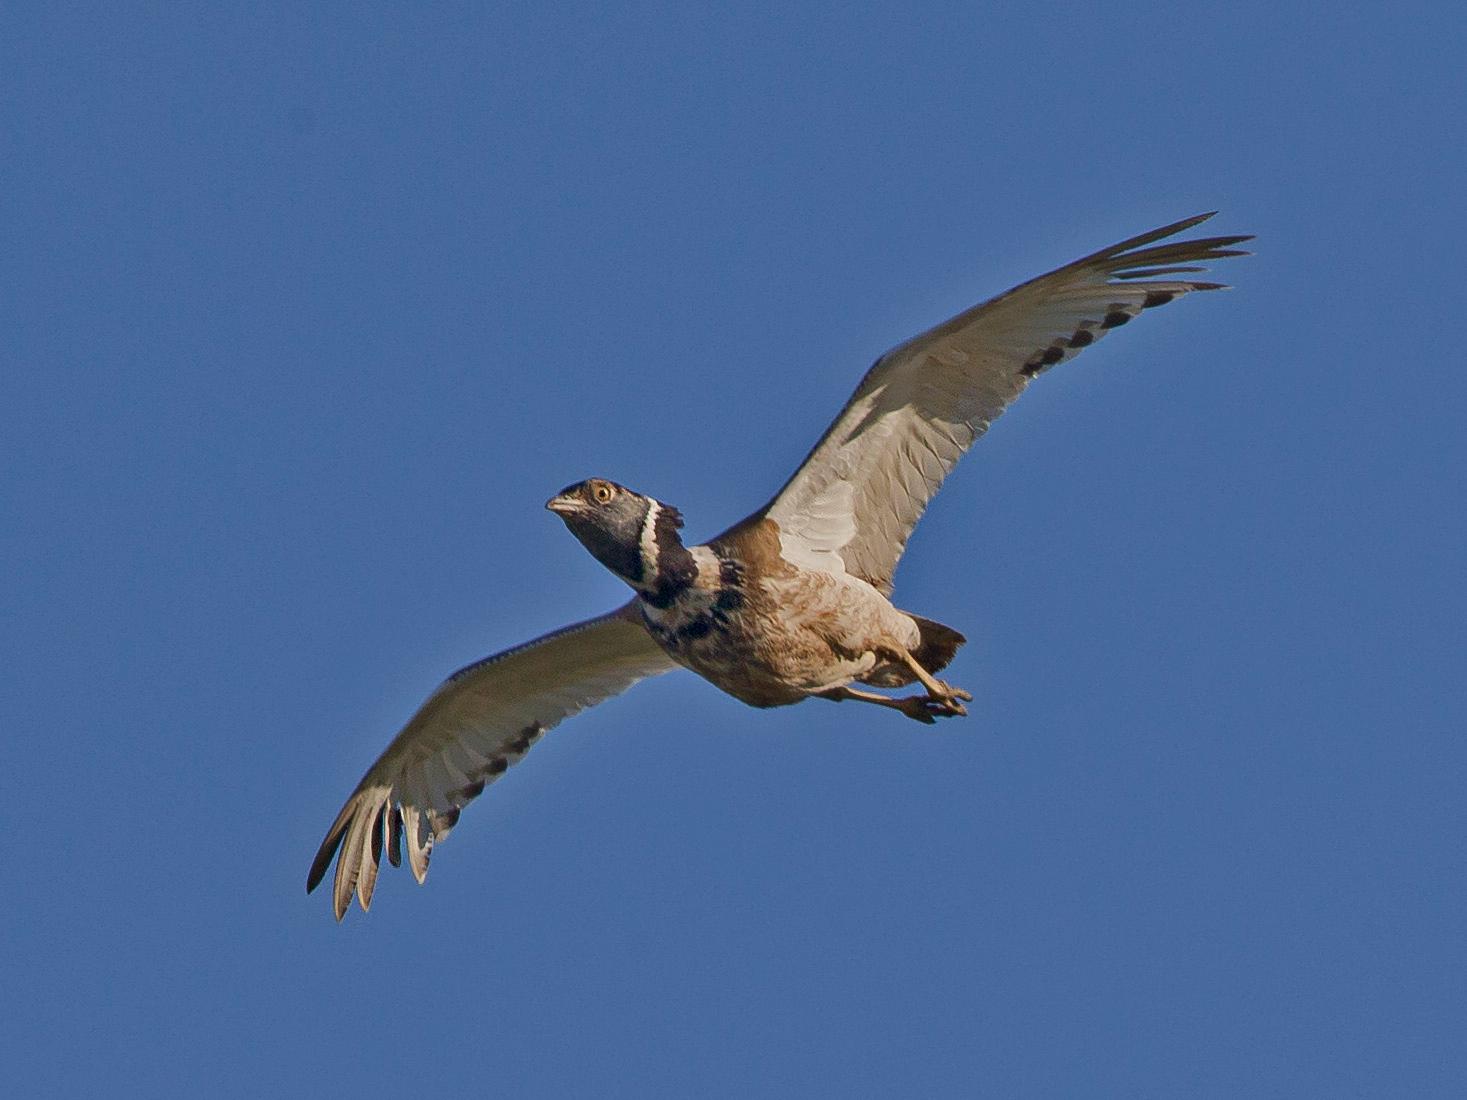 ... und meistens nur fliegend zu fotografieren